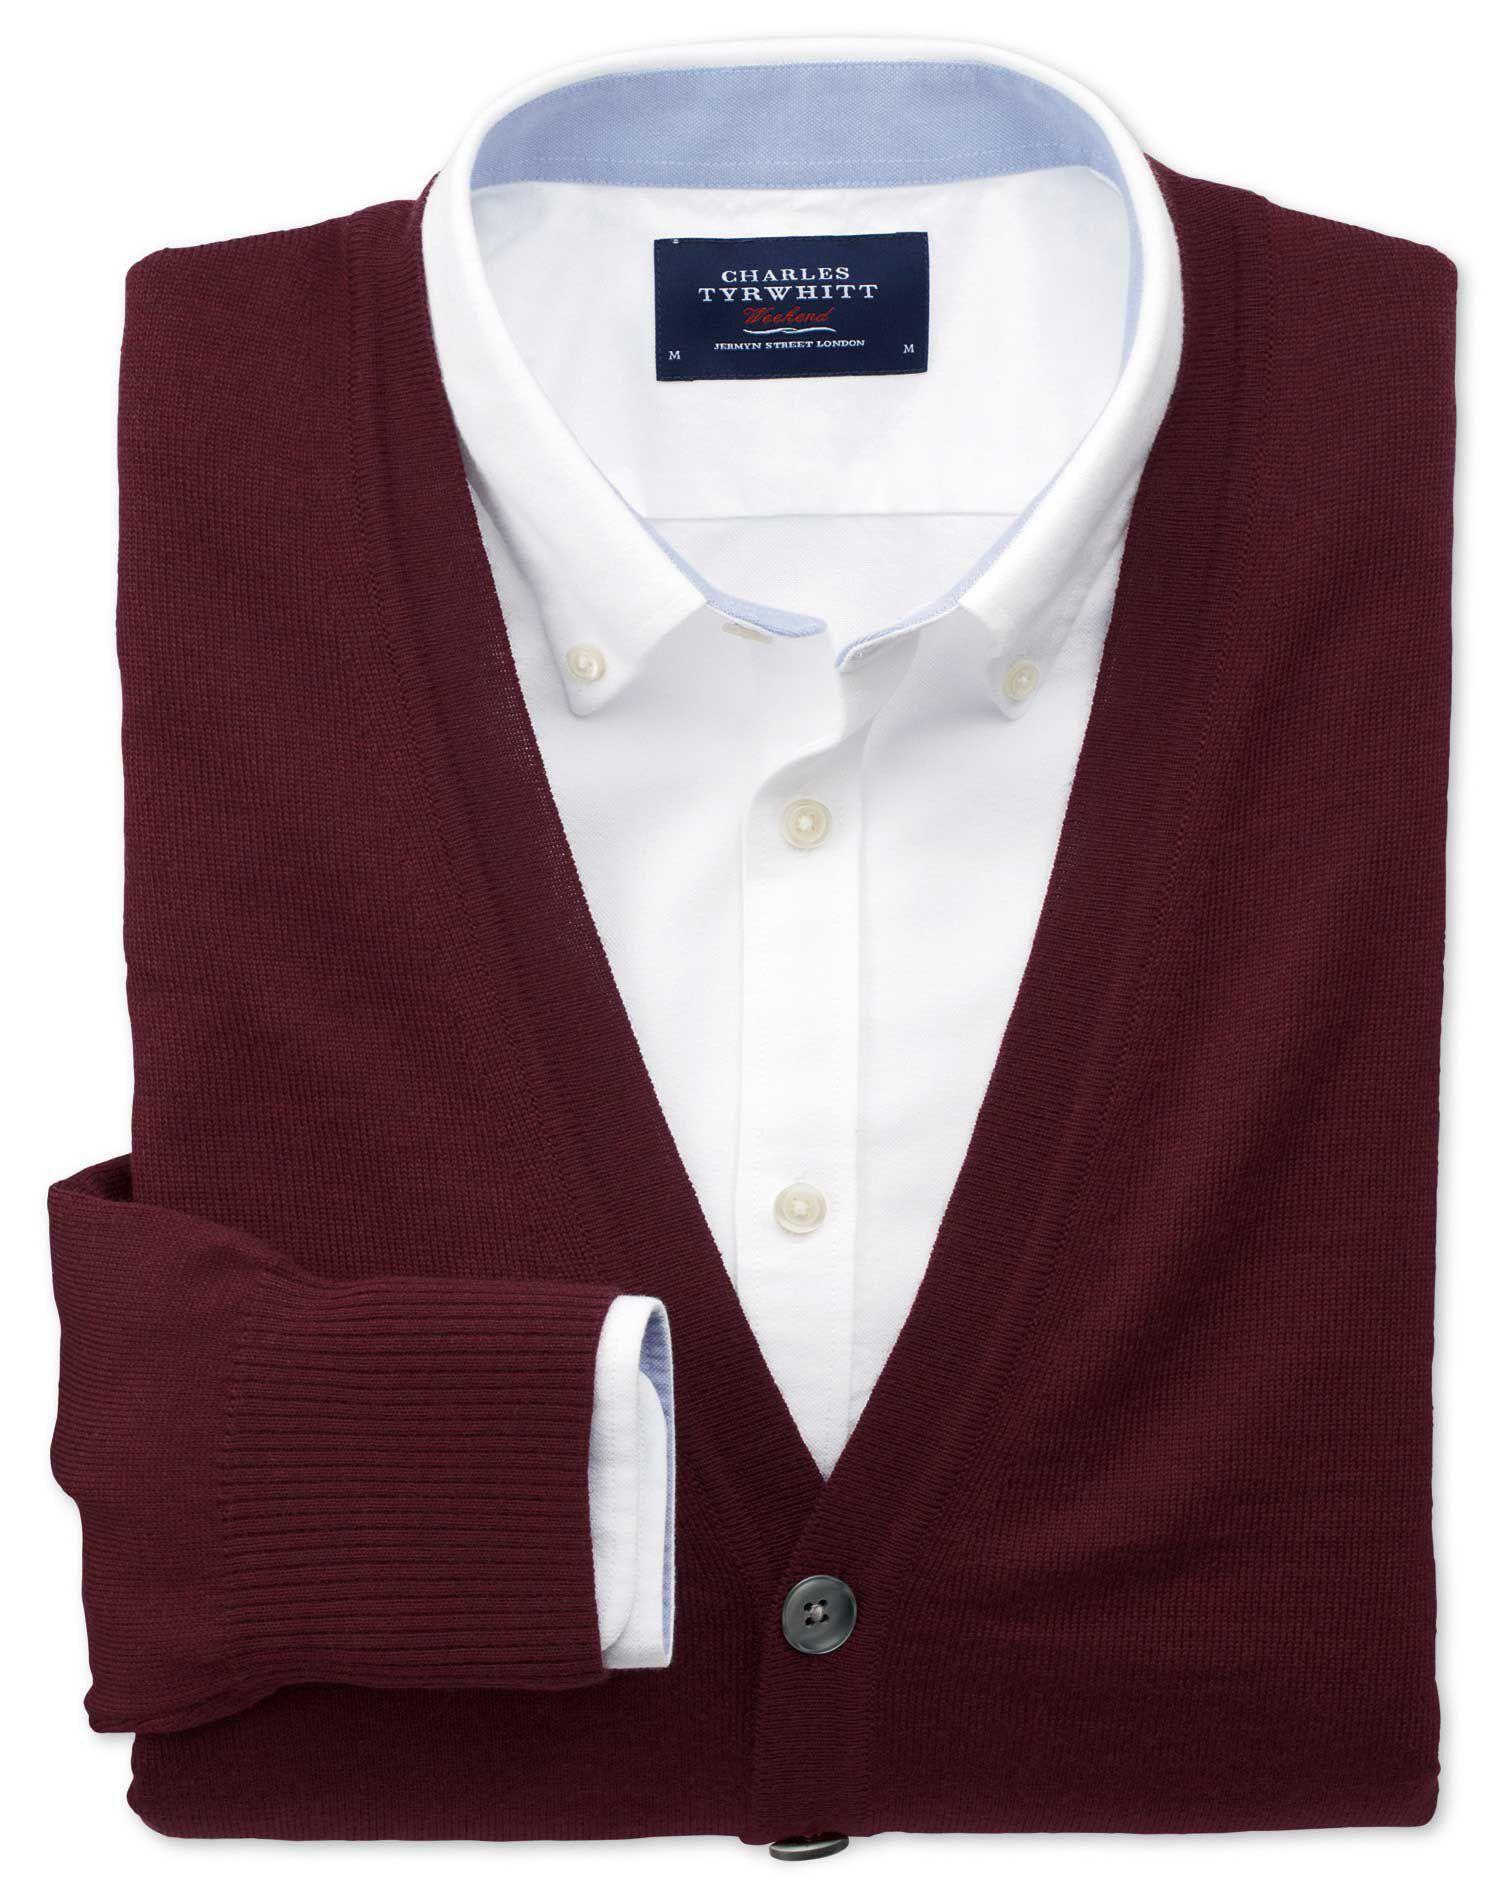 Wine Merino Wool Cardigan Size XS by Charles Tyrwhitt